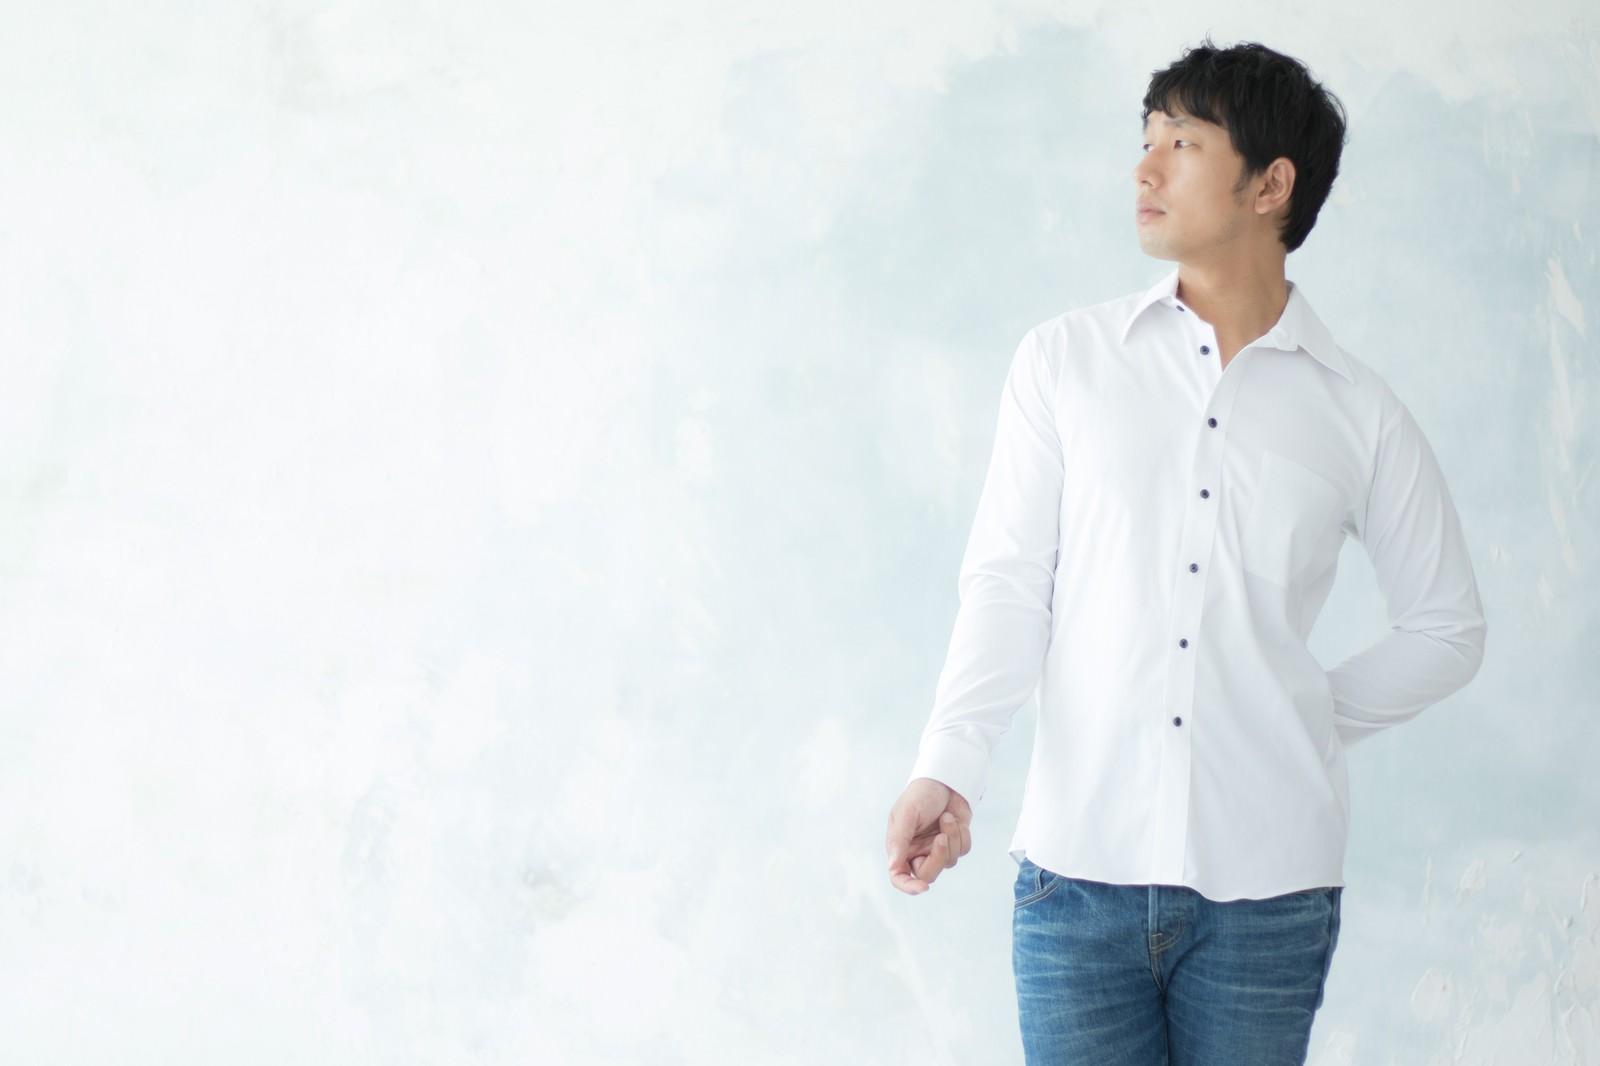 「合コンのマストアイテム白シャツで高感度アップを狙う男性」の写真[モデル:大川竜弥]